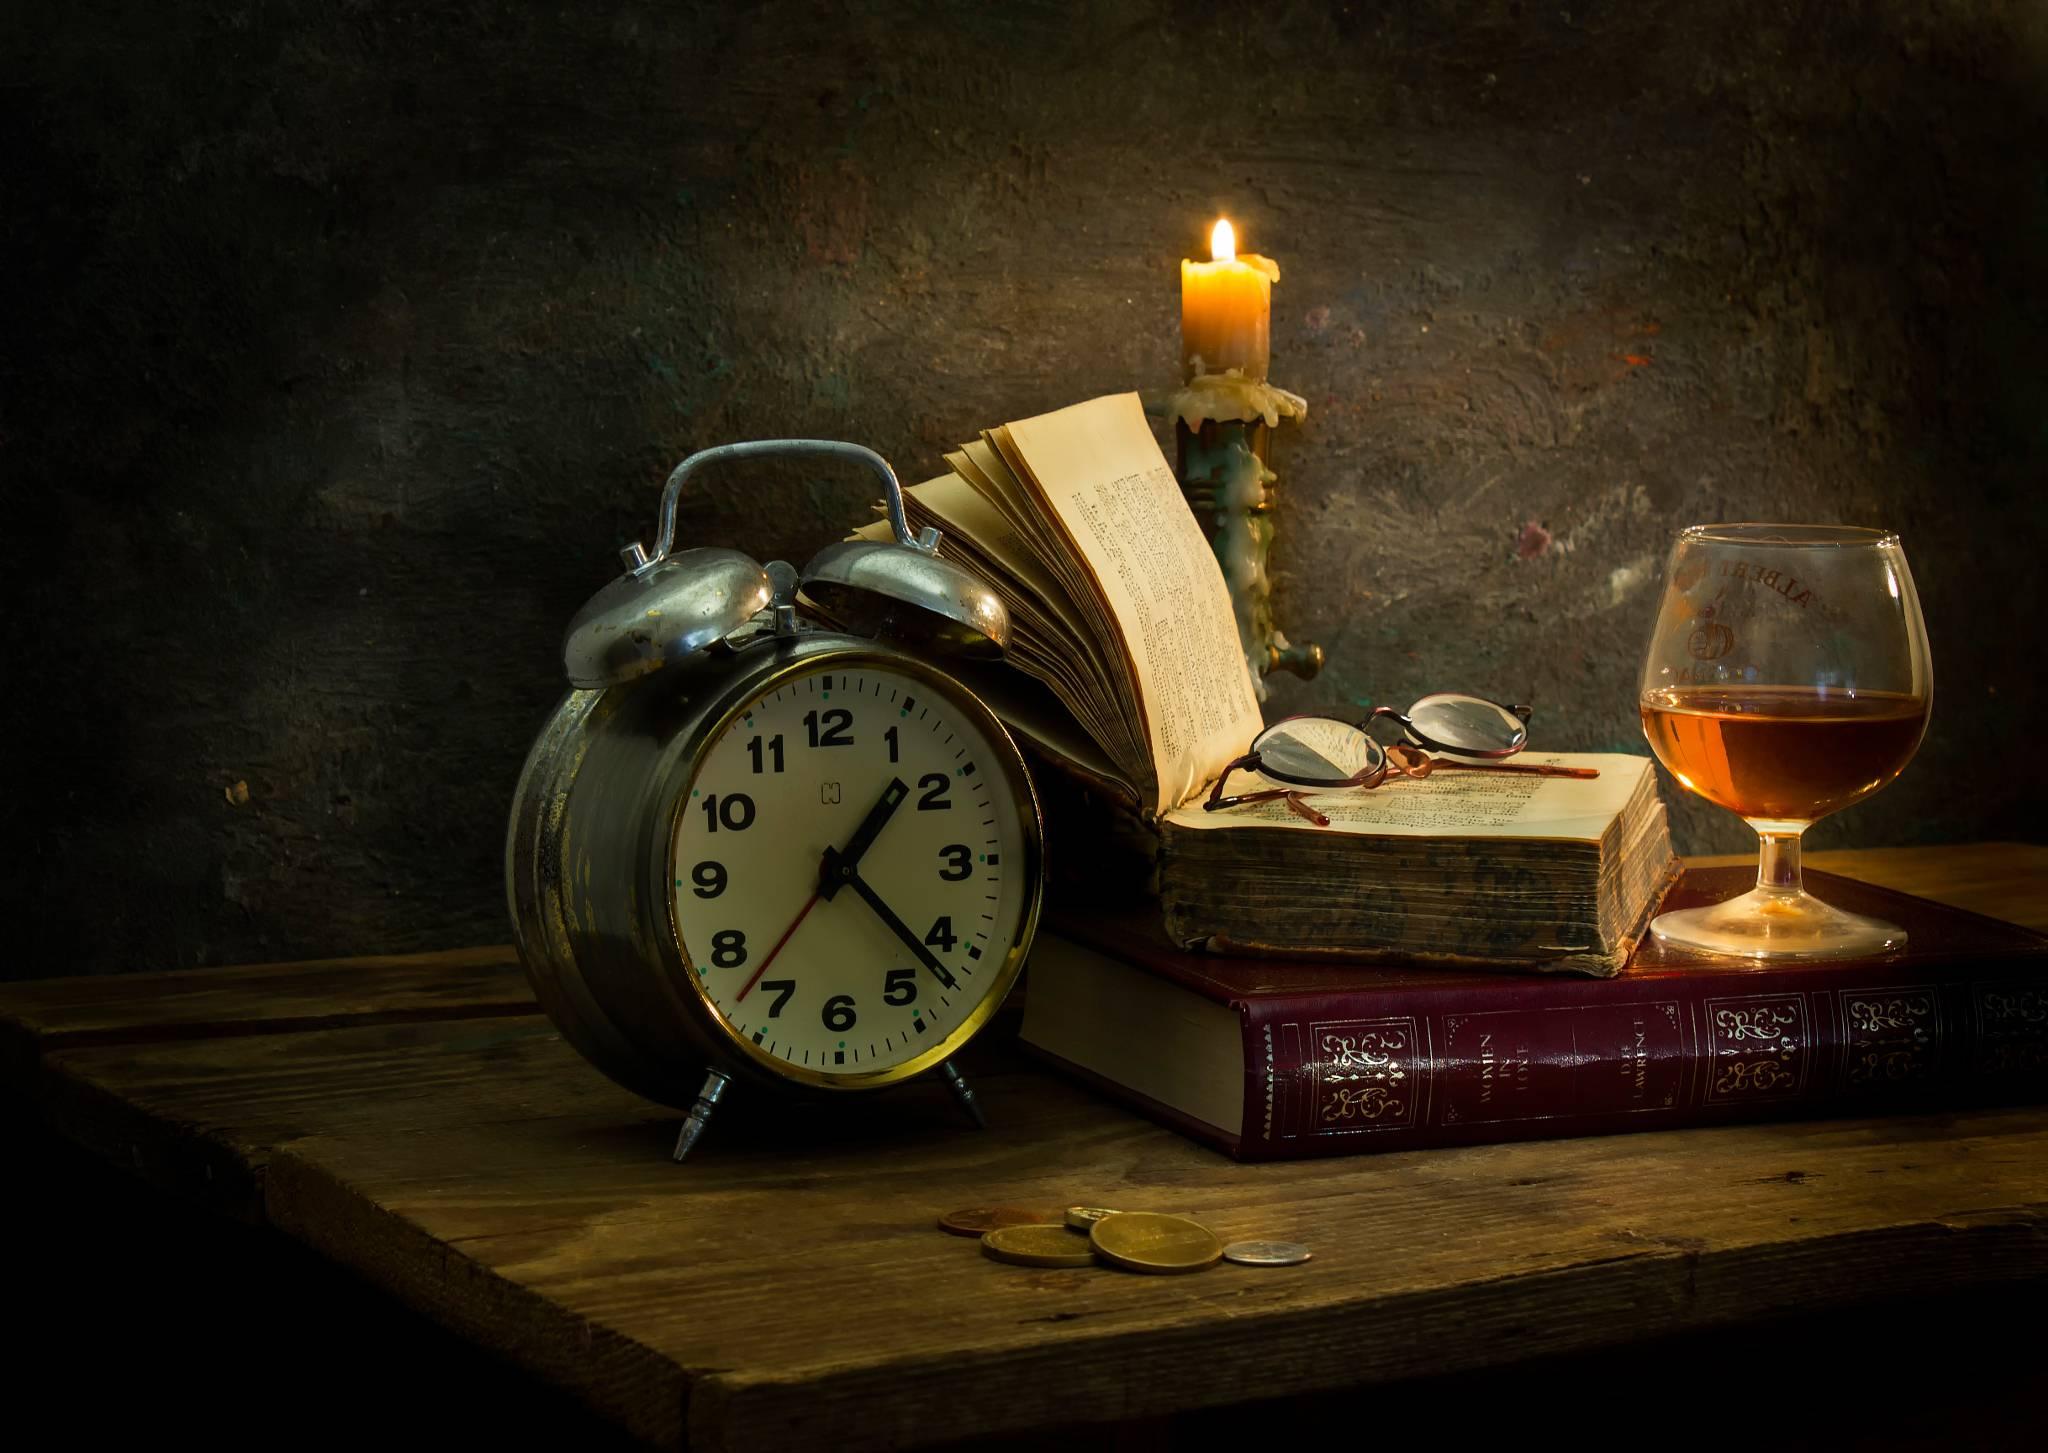 Карманные часы и скатерть  № 2171695 бесплатно